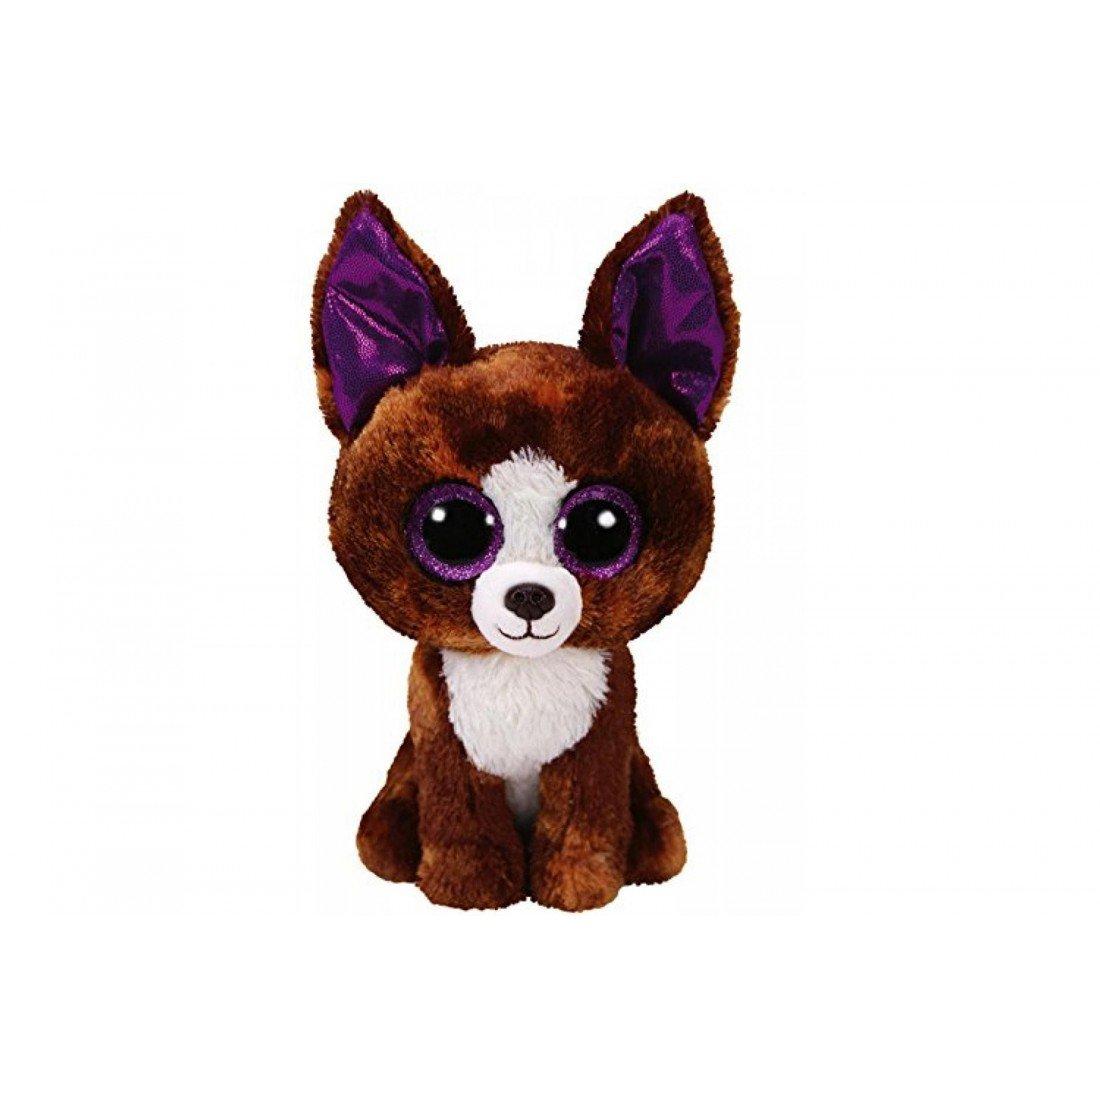 TY BEANIE BOOS 15cm DEXTER gift idea peluche toy puppet VX314